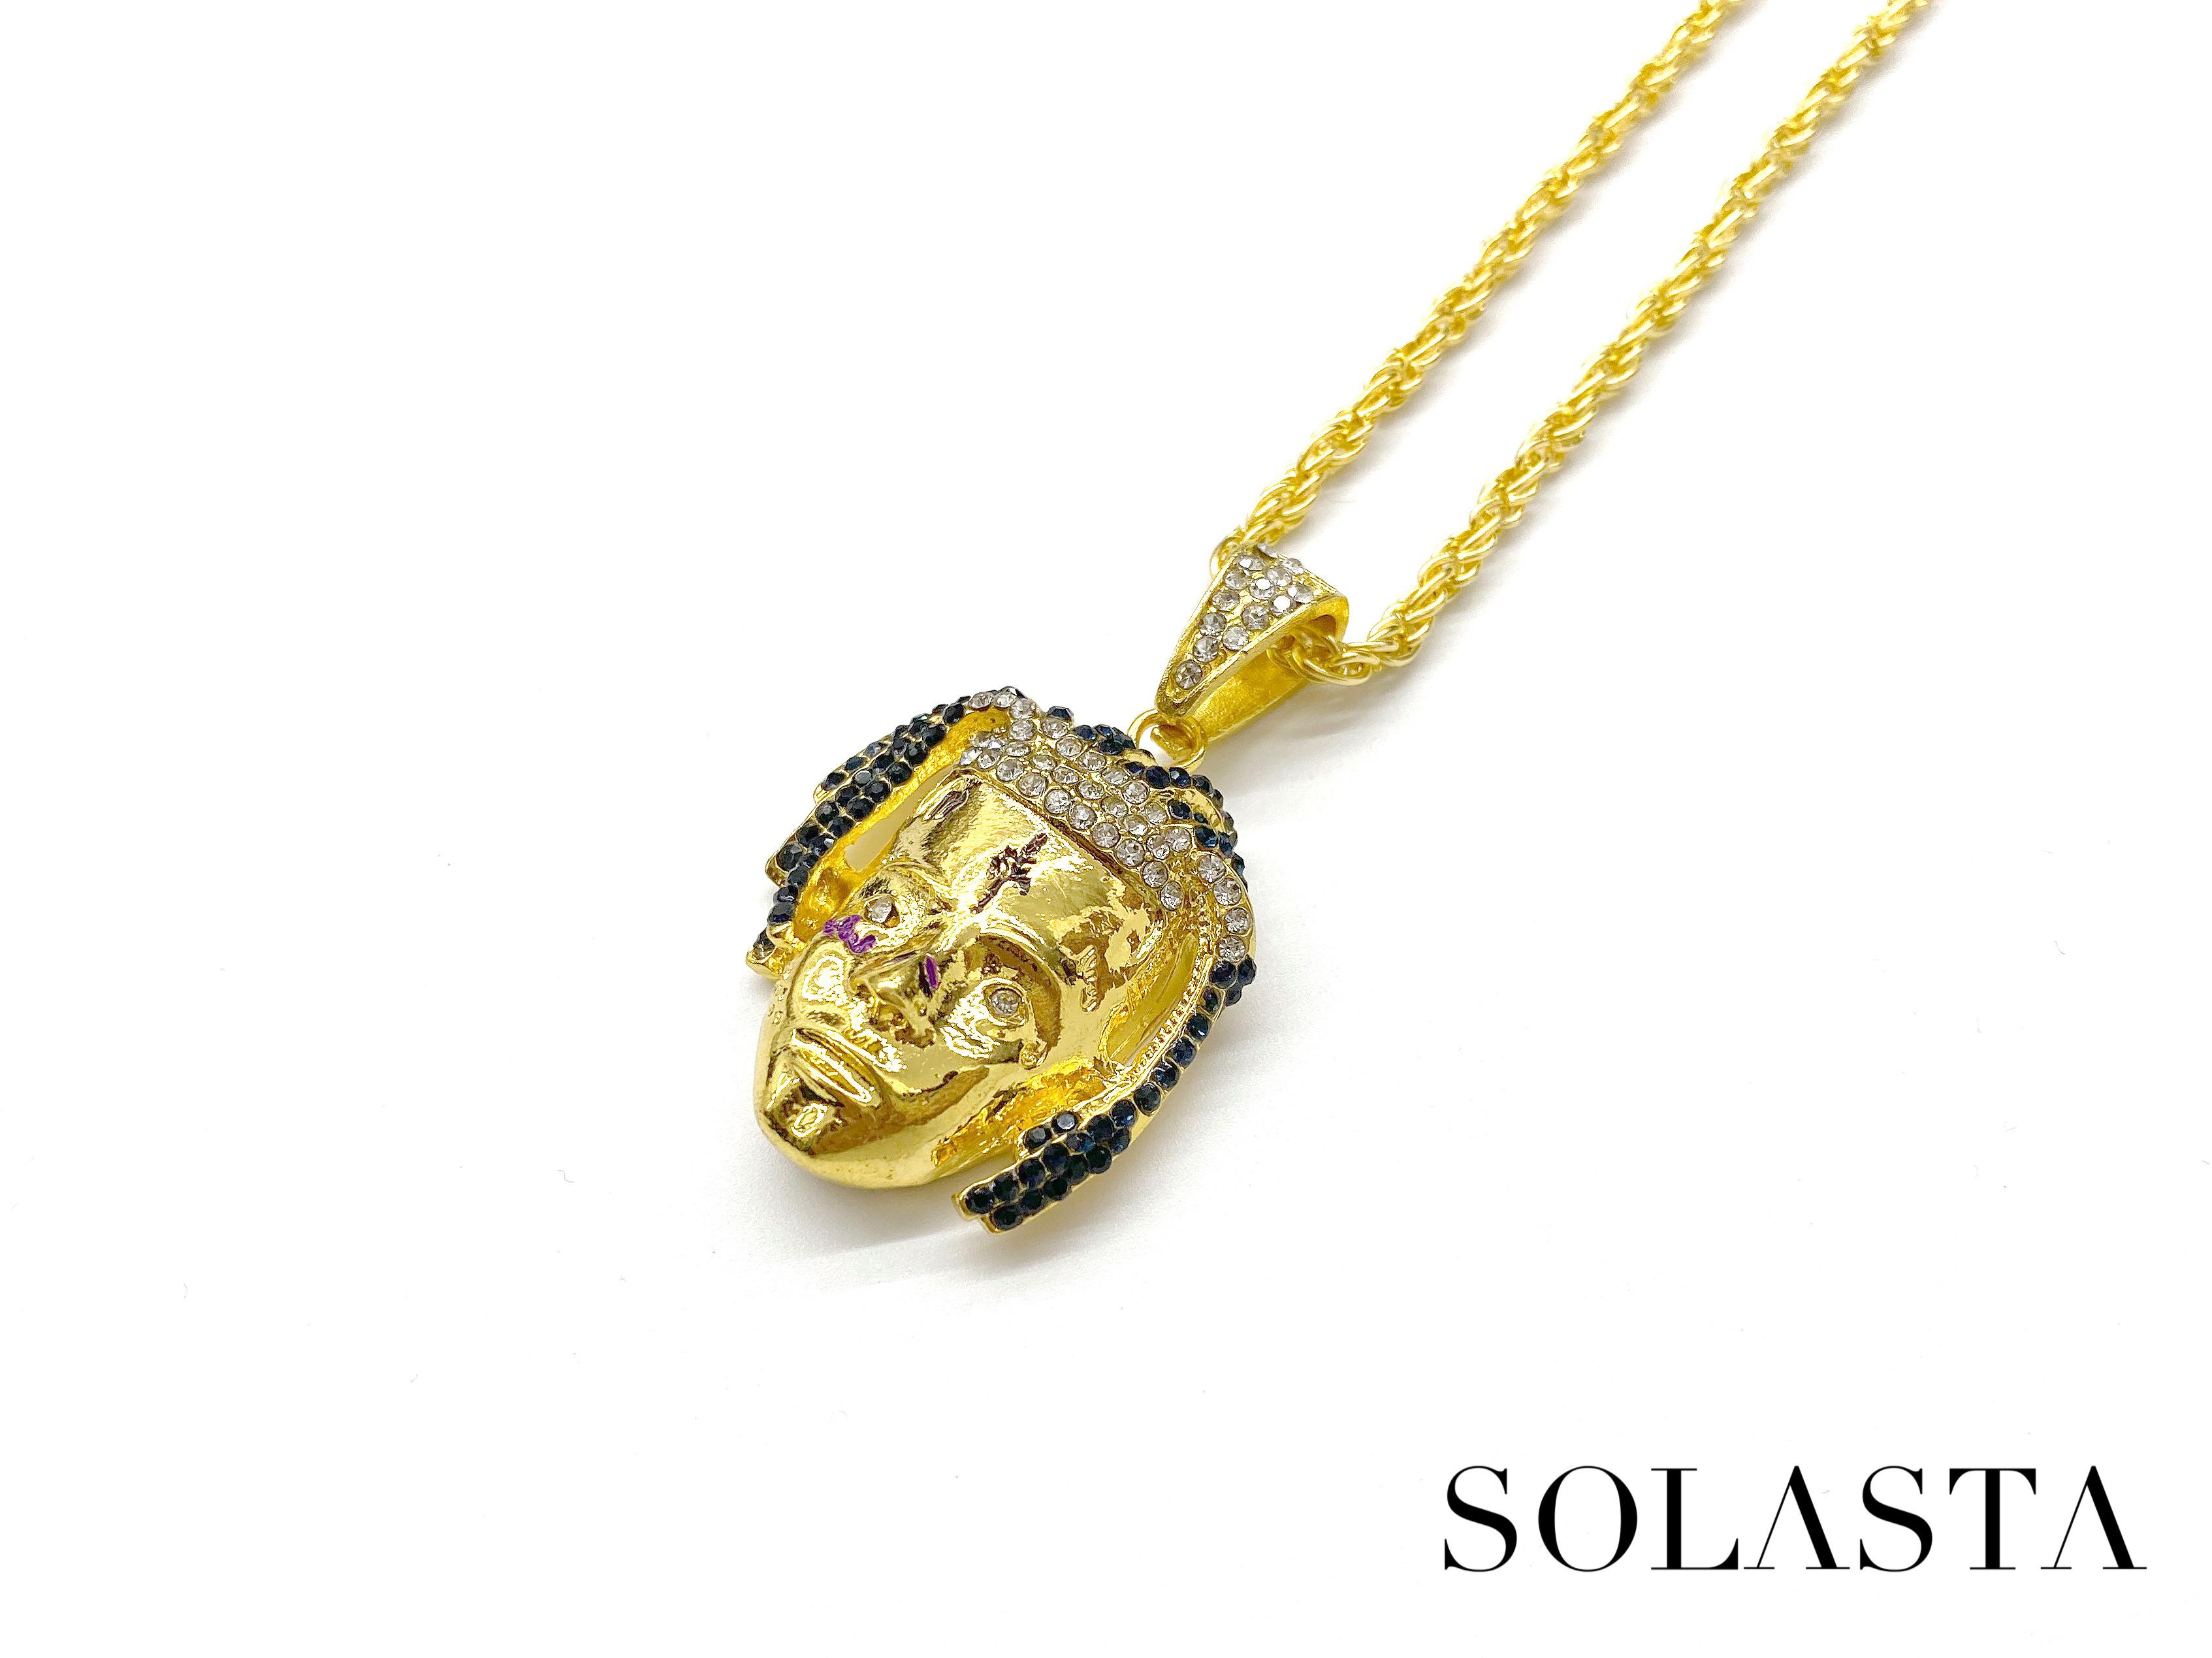 SOLASTA - XXXTENTACION